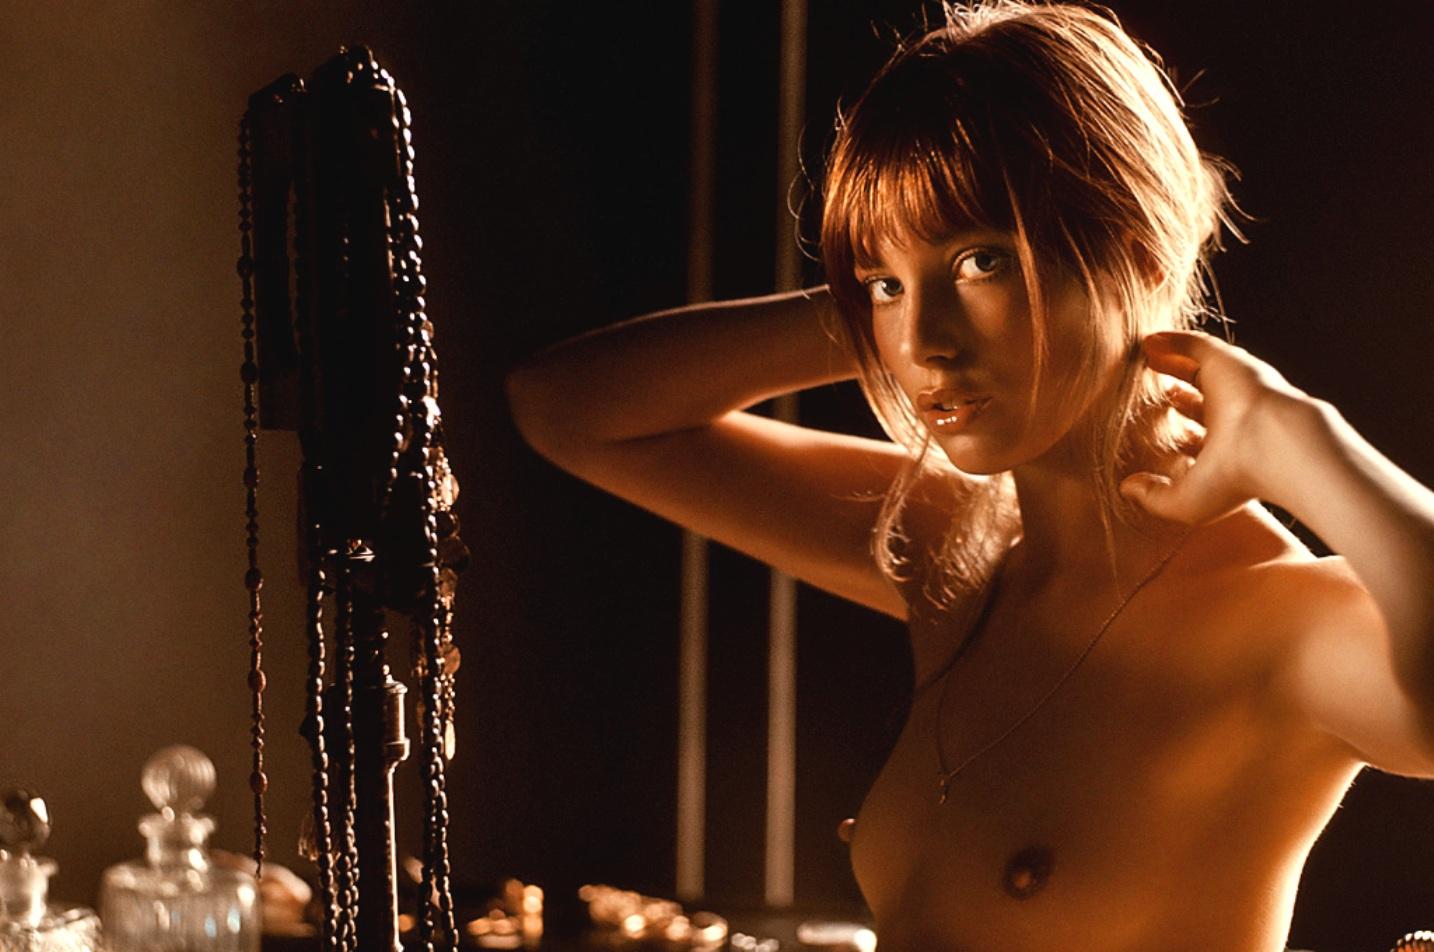 http://2.bp.blogspot.com/_ShAlbdQYb4w/TTgeB8ewyVI/AAAAAAAAXIg/vHWLam-Tp4U/s1600/jane+Birkin+1970.jpg